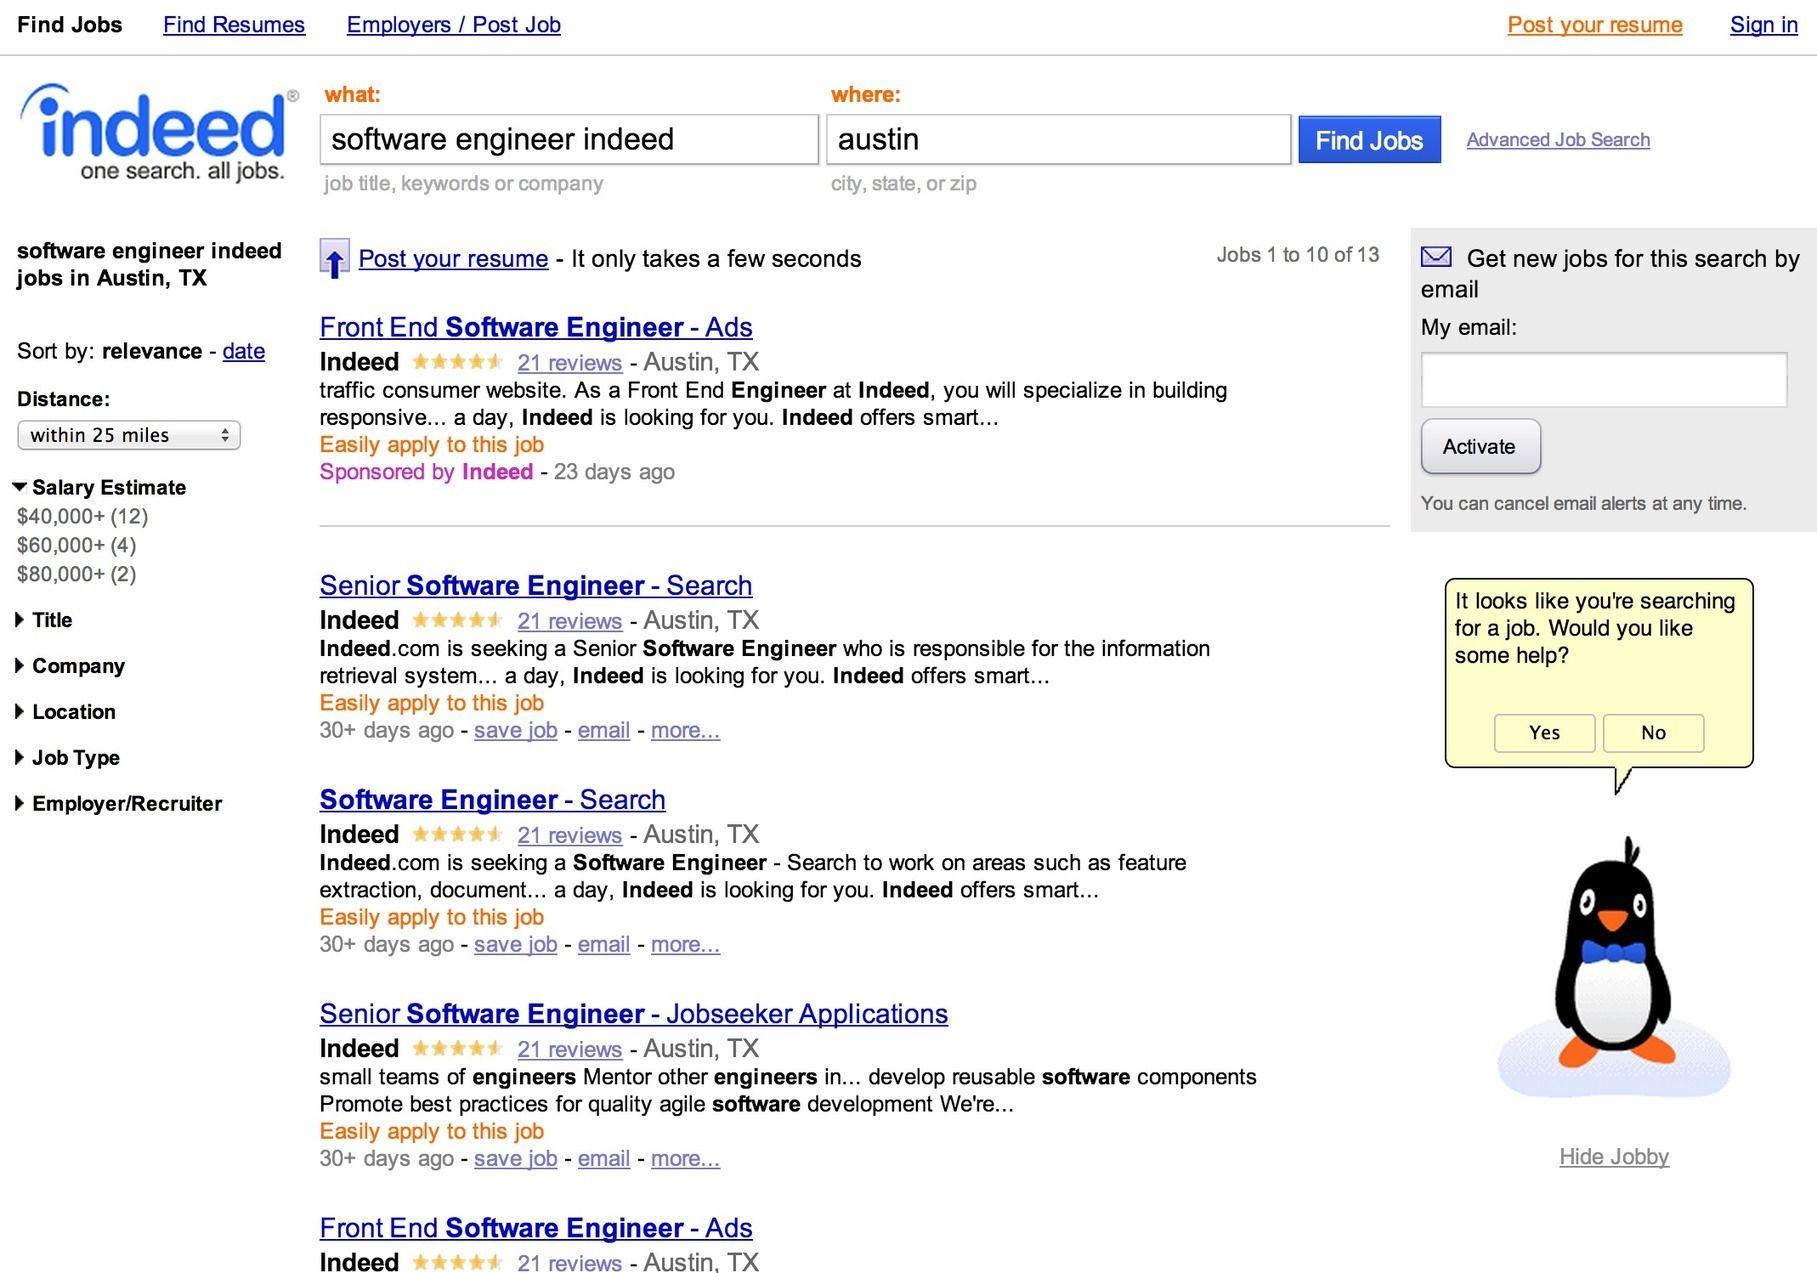 Indeed Com Data Scraping Resume Scraping Data Scraping Services Job Posting Resume Services Find A Job